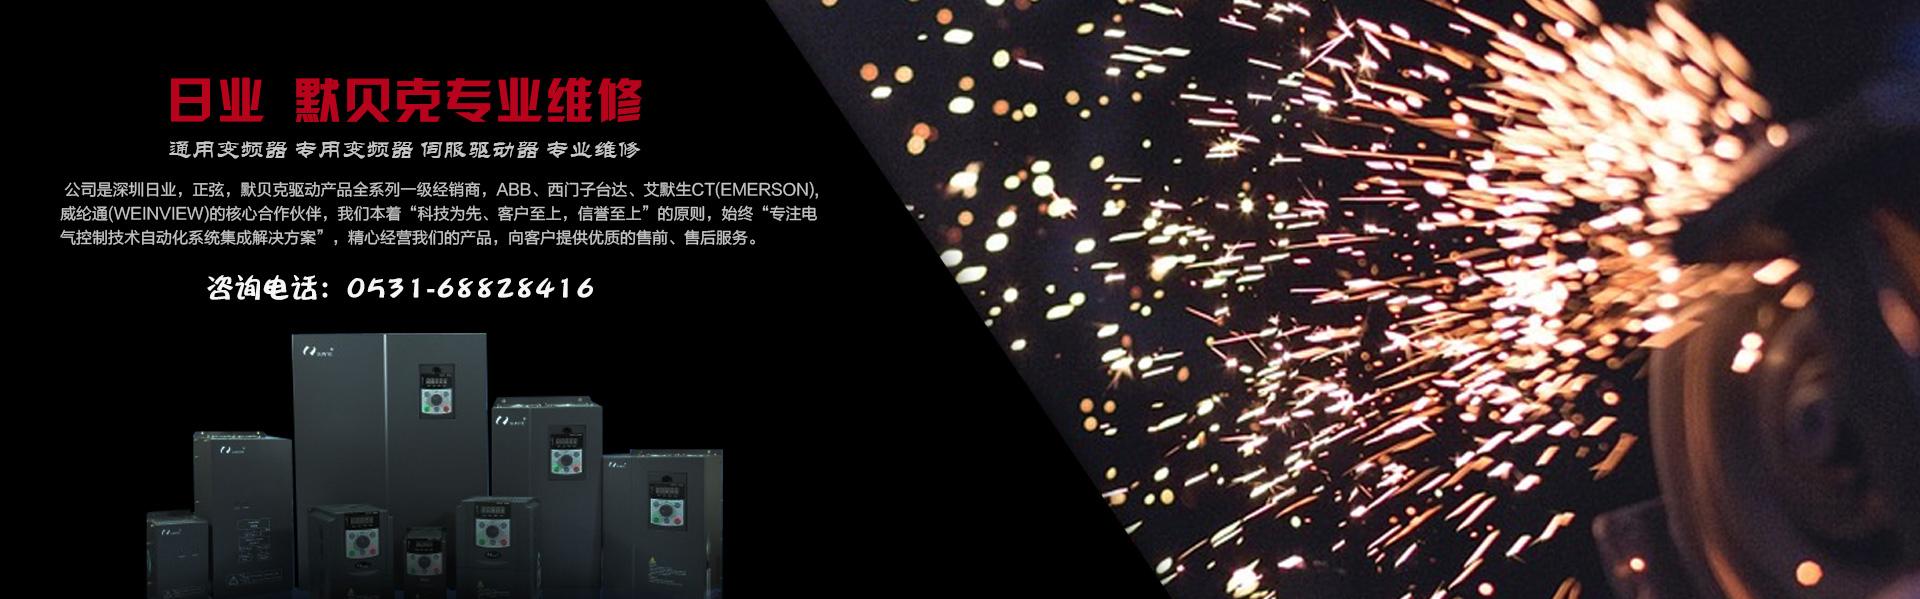 山东新万博登录网址万博官网app下载,济南新万博登录网址万博官网app下载,山东新万博官网manbet下载新万博登录网址万博官网app下载